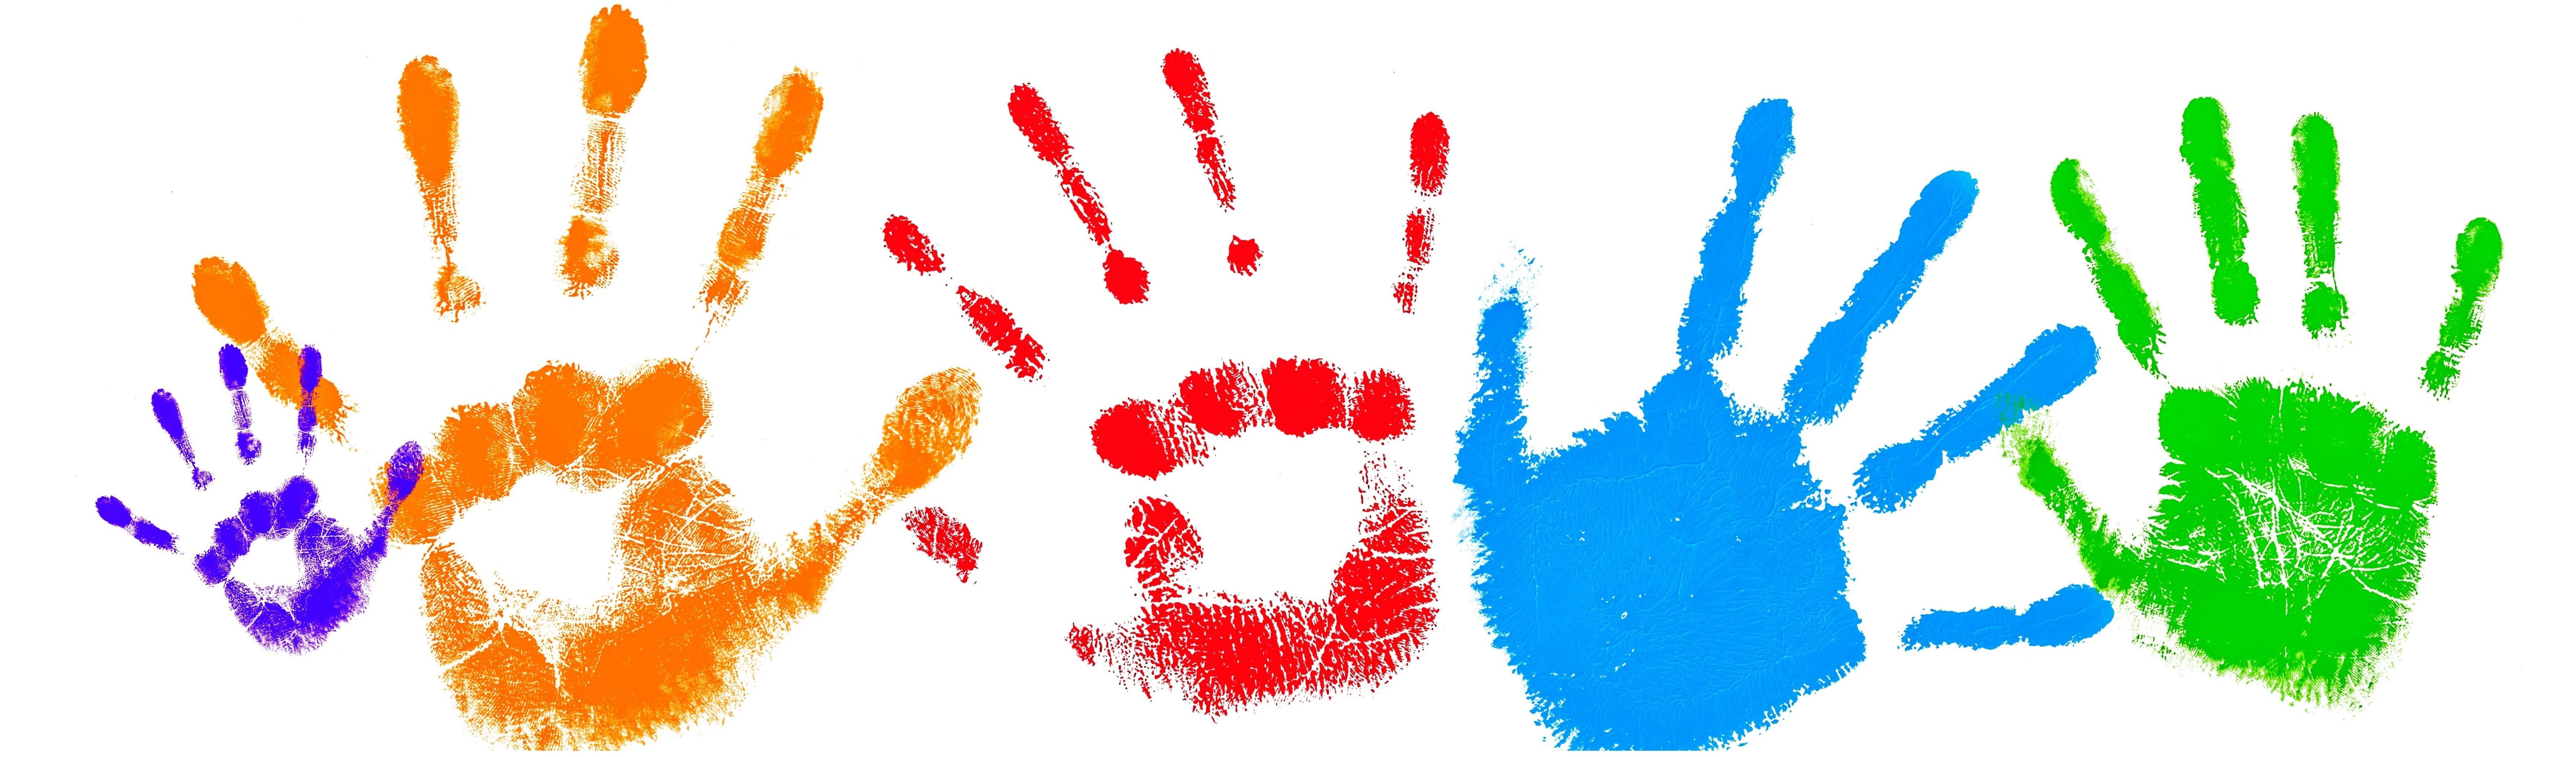 mani colorate sfondo bianco